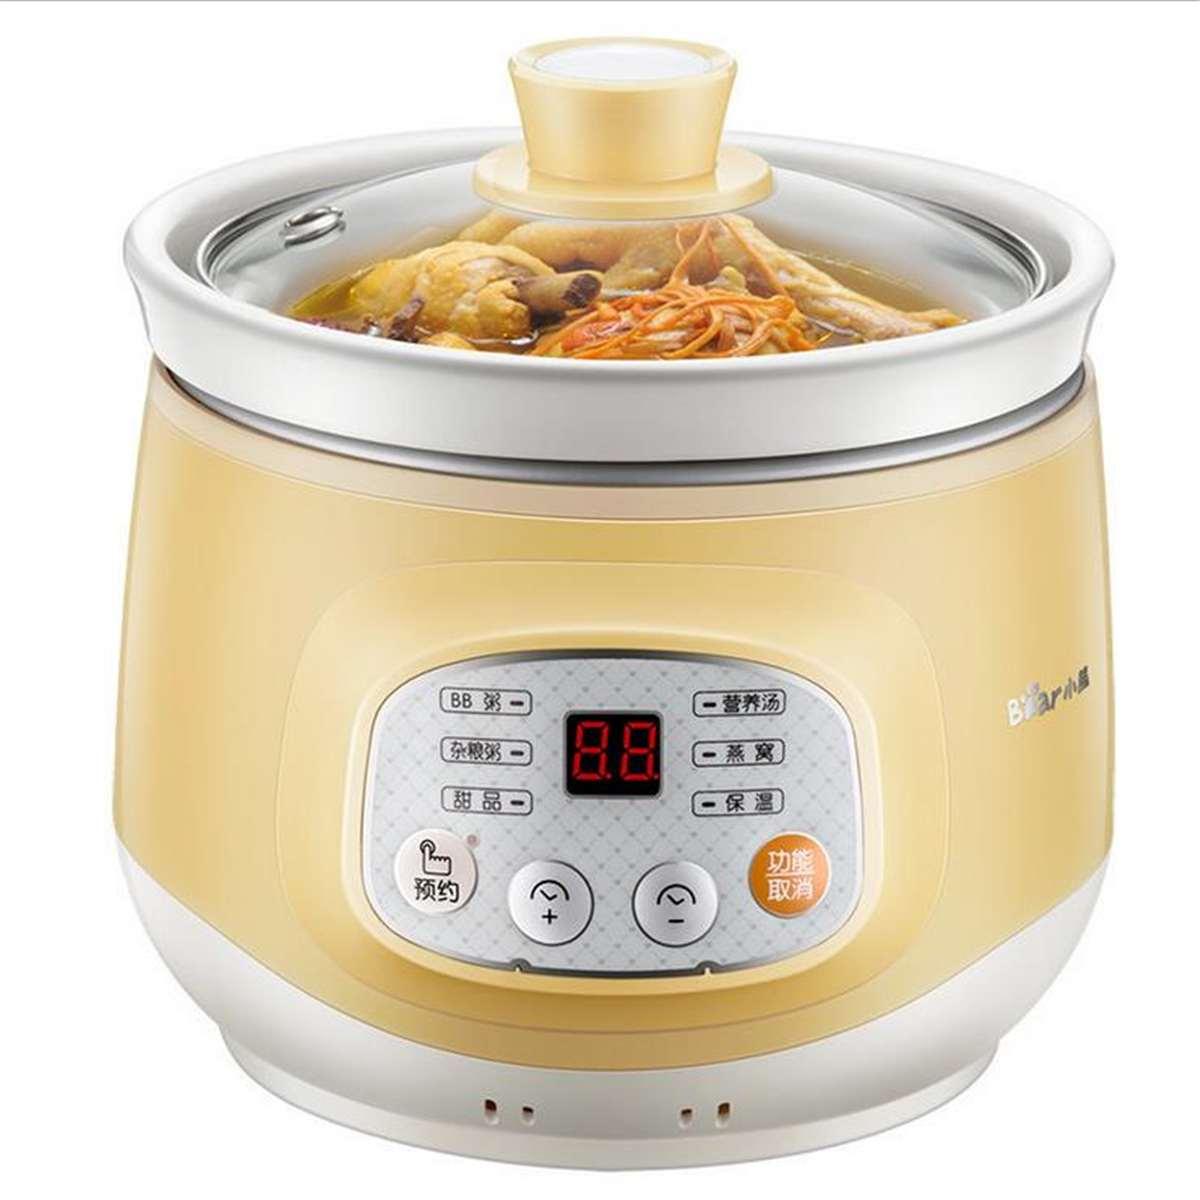 100 W électrique mijoteuse en céramique Mini entièrement automatique bébé soupe Pot Congee nid d'oiseau mijoteuse multi-fonction sûr mijoteuse